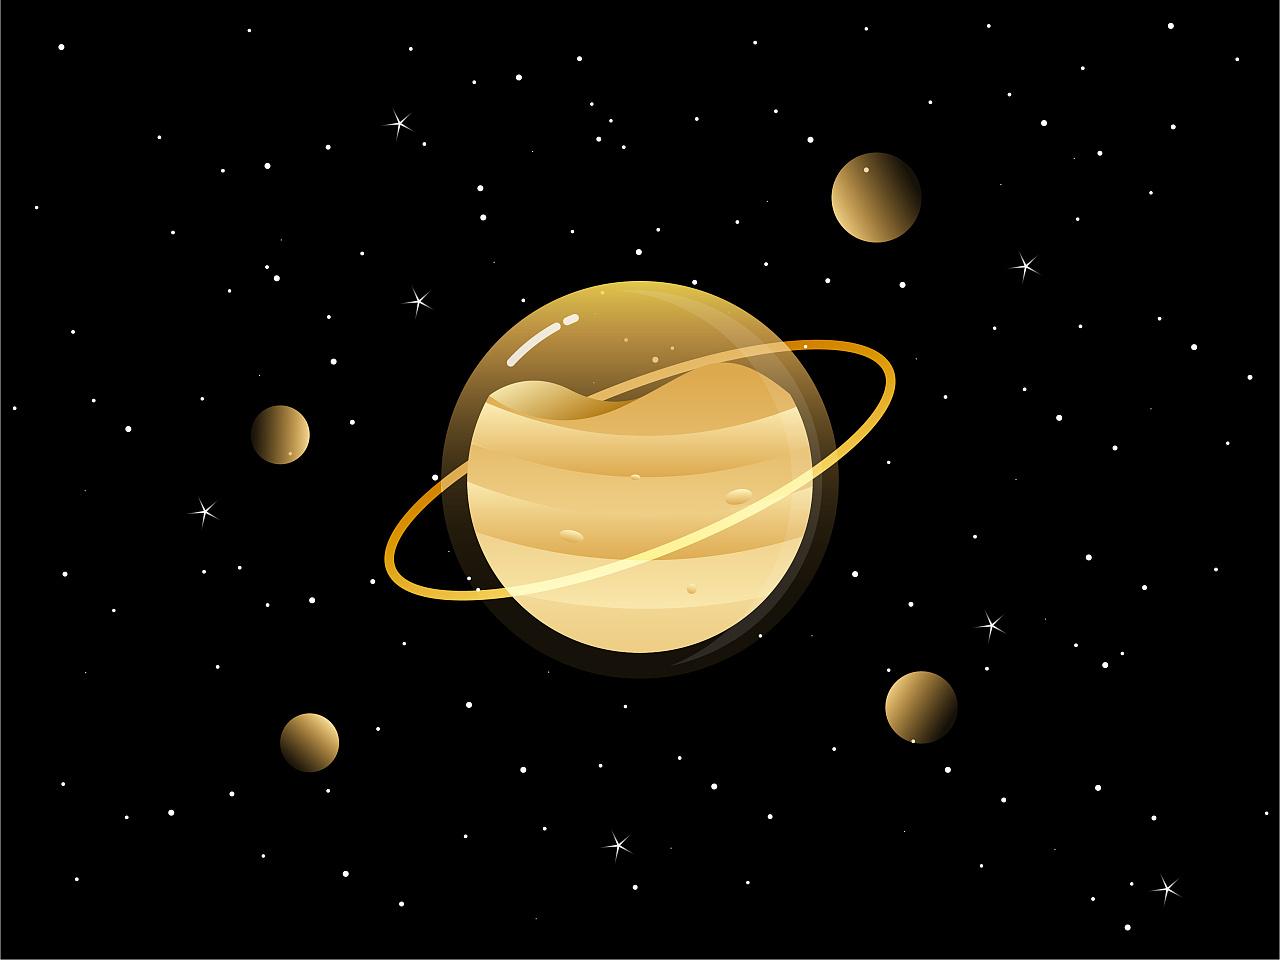 八大行星插画